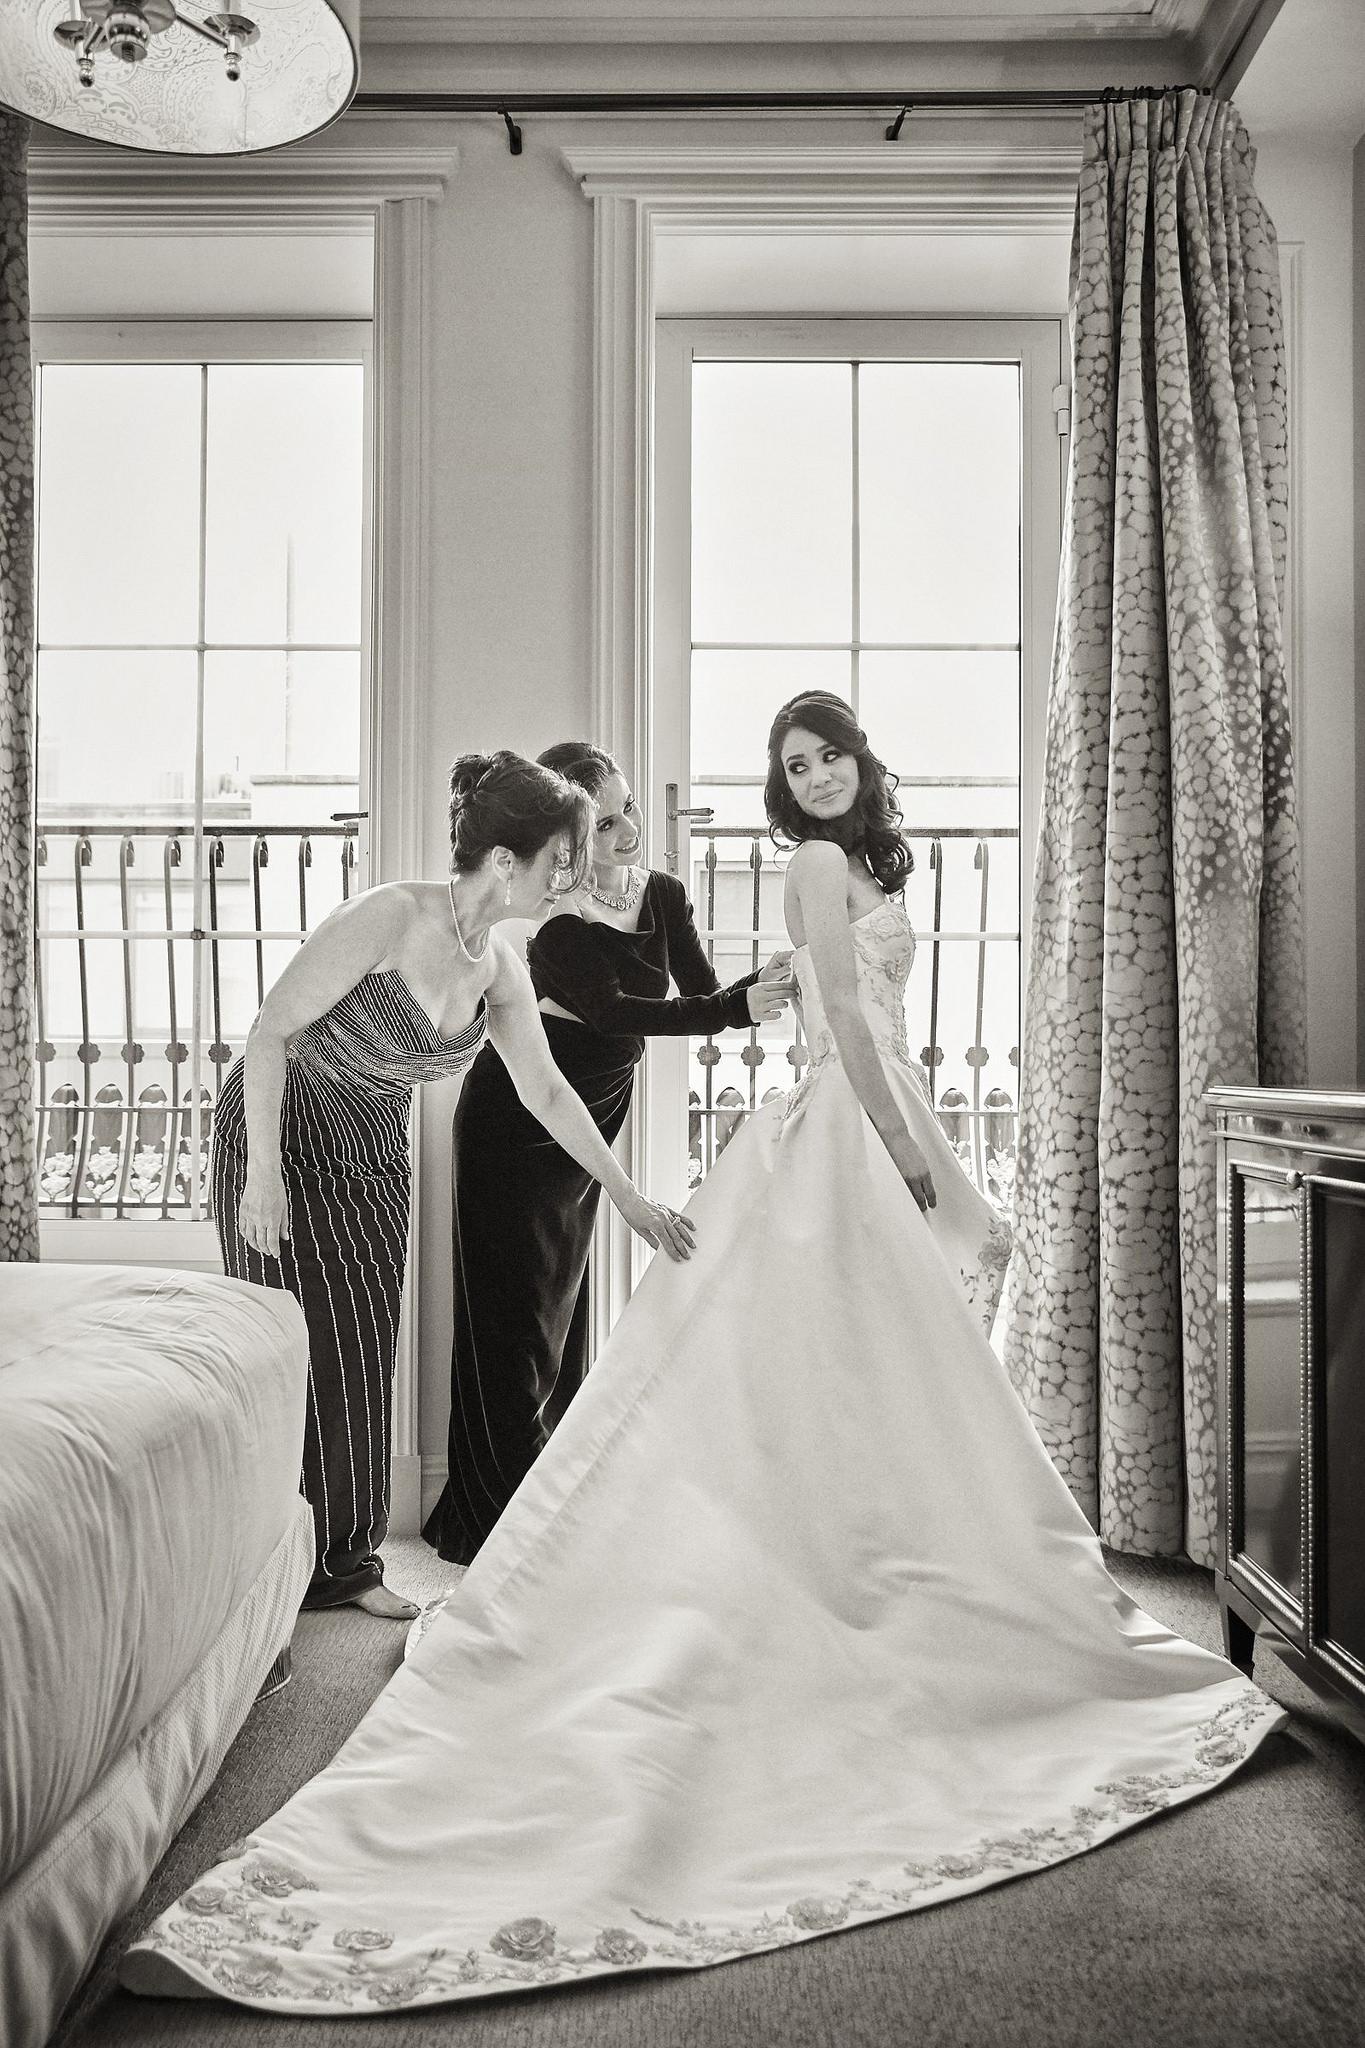 Bride in custom gown by Cristina Ottaviano